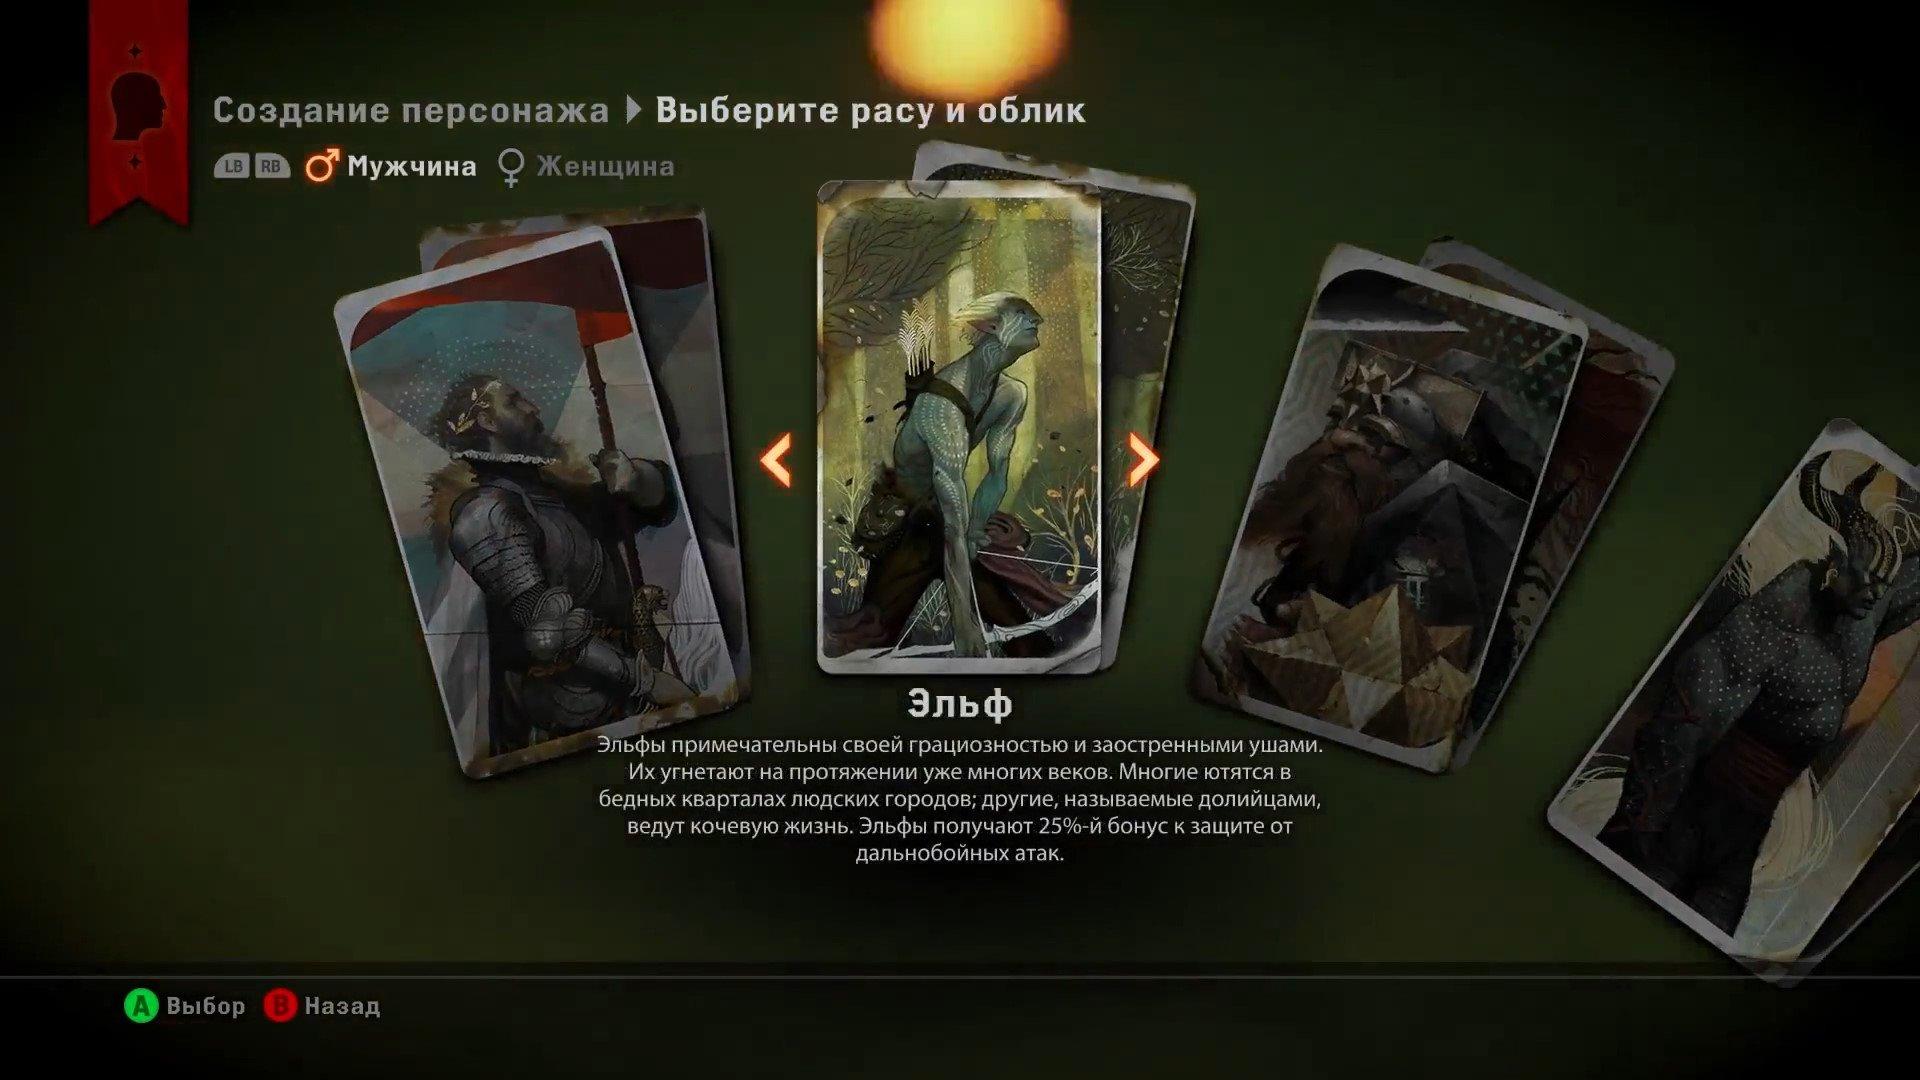 Dragon Age: Inquisition За какую расу и класс  будете играть?. - Изображение 5